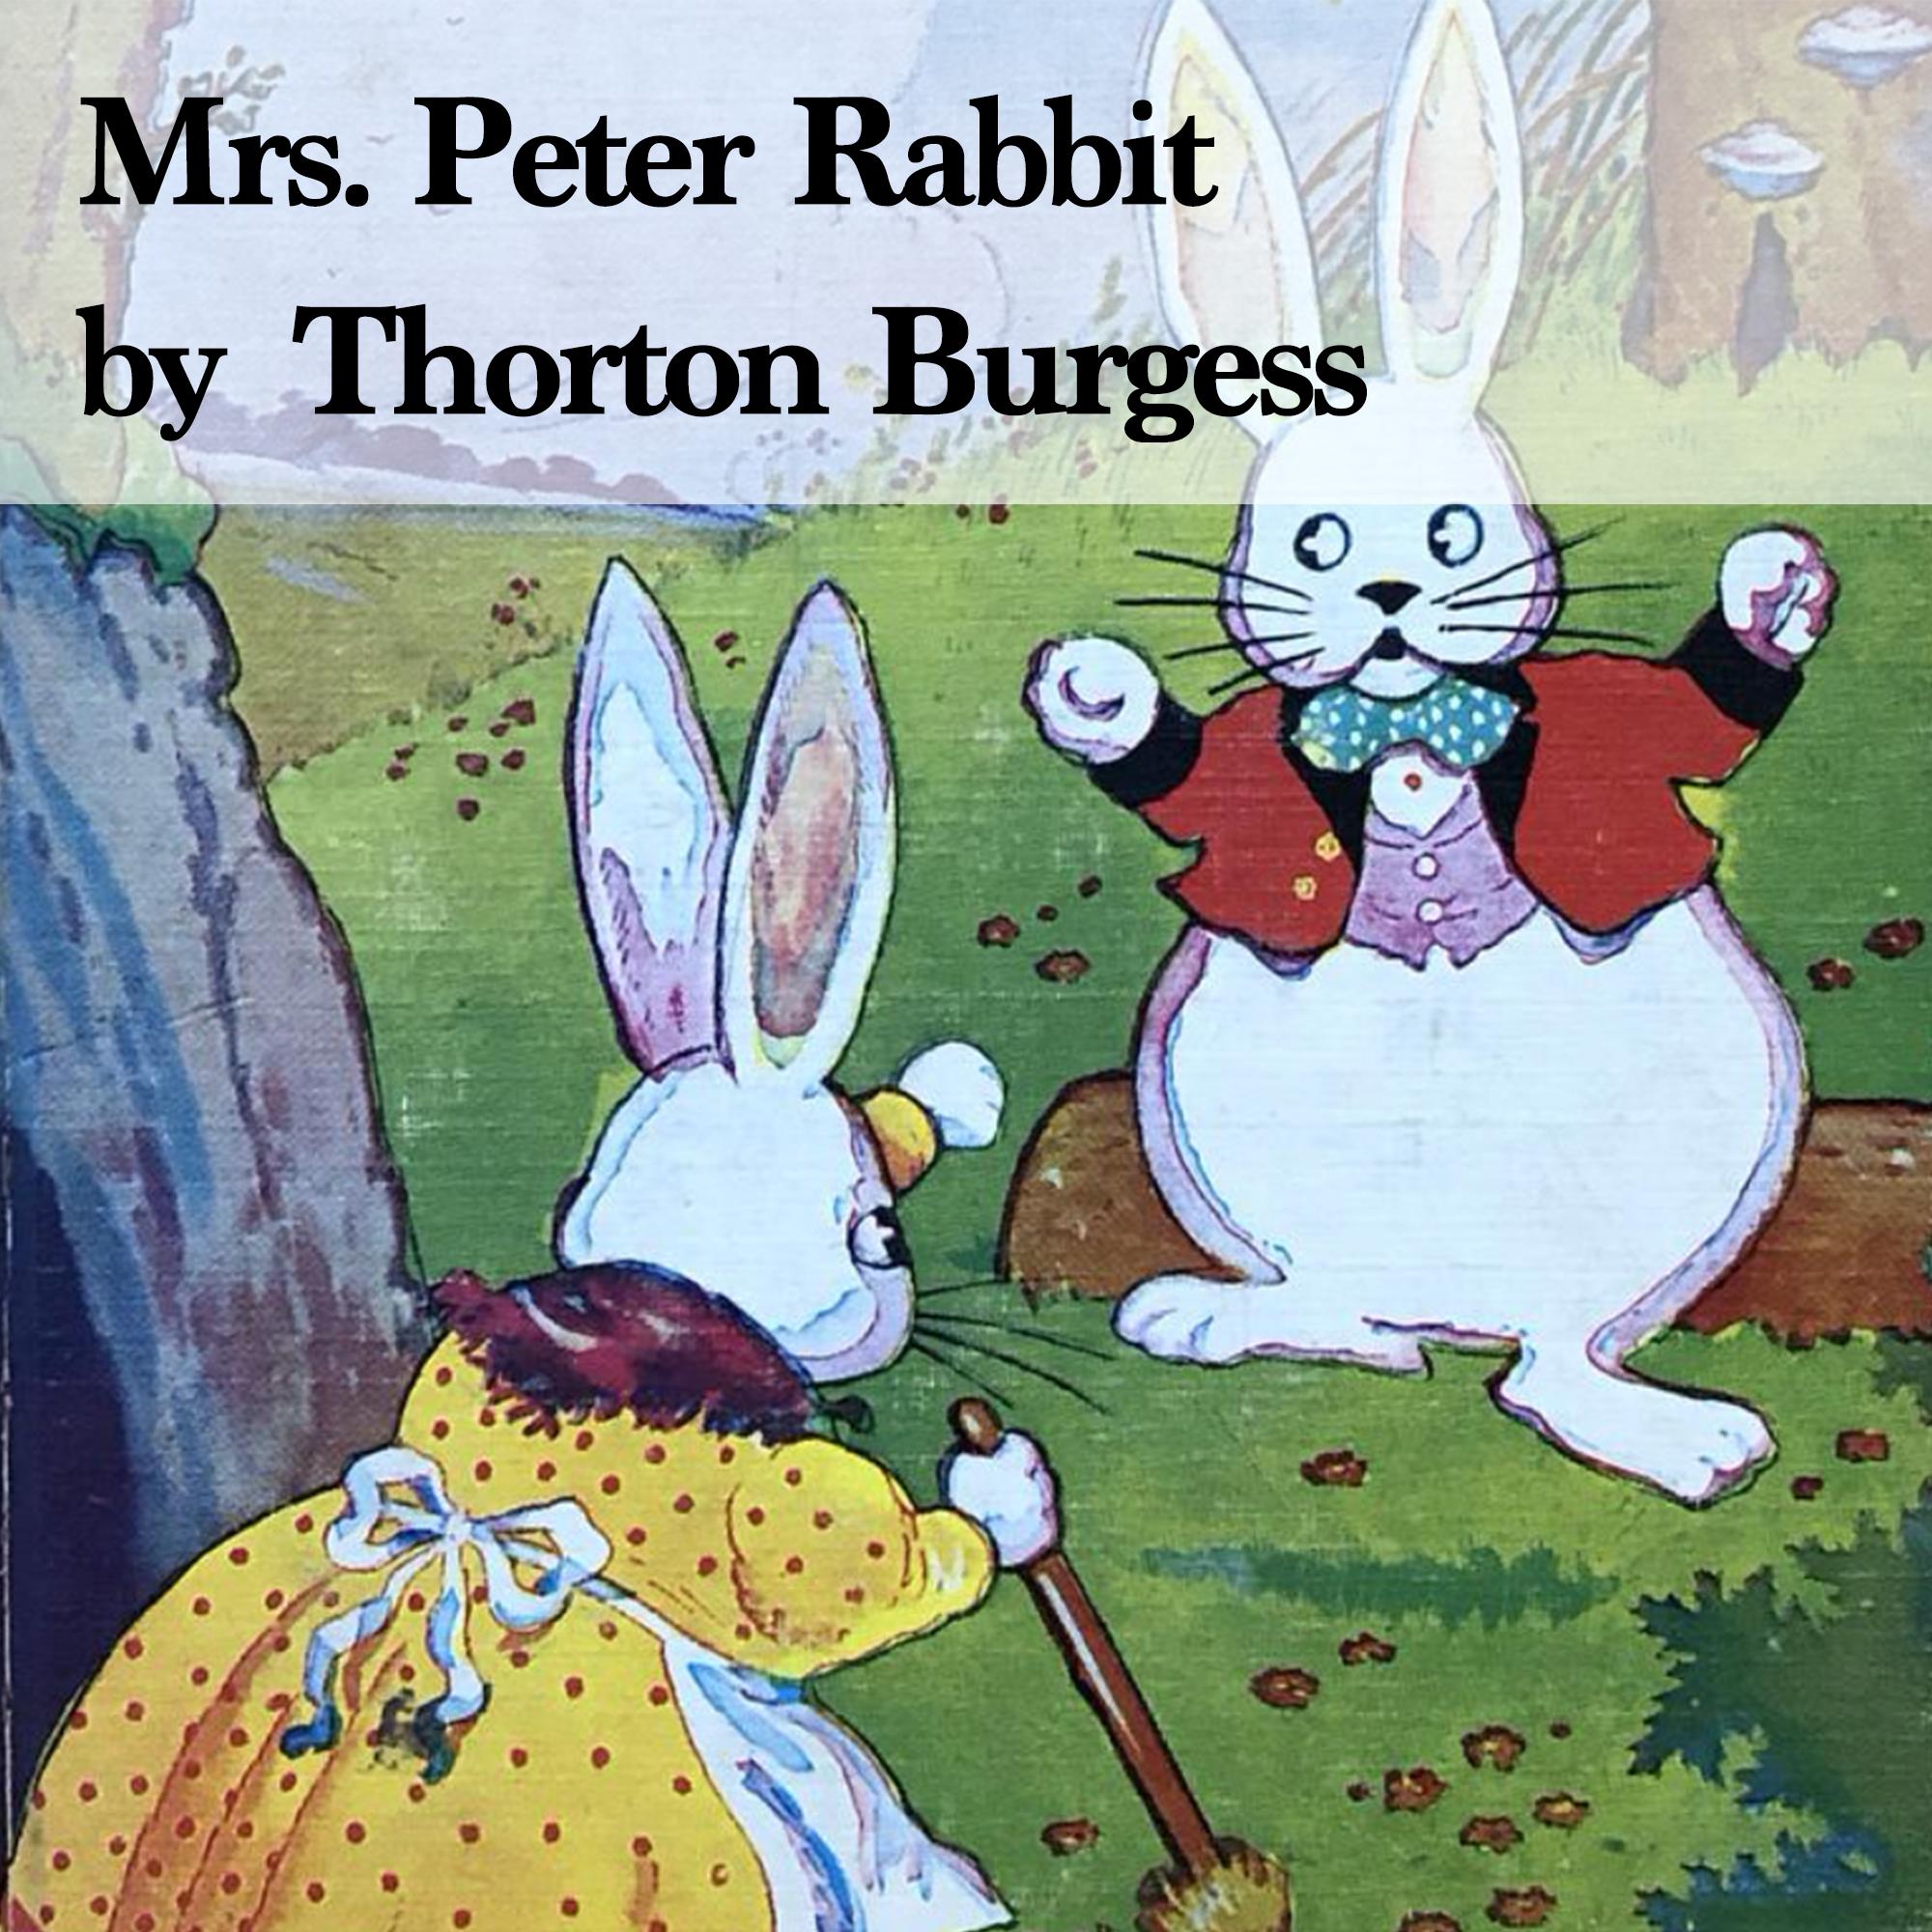 故事朗讀#9:Mrs. Peter Rabbit 第3章 Hooty the Owl Changes His Hunting Grounds